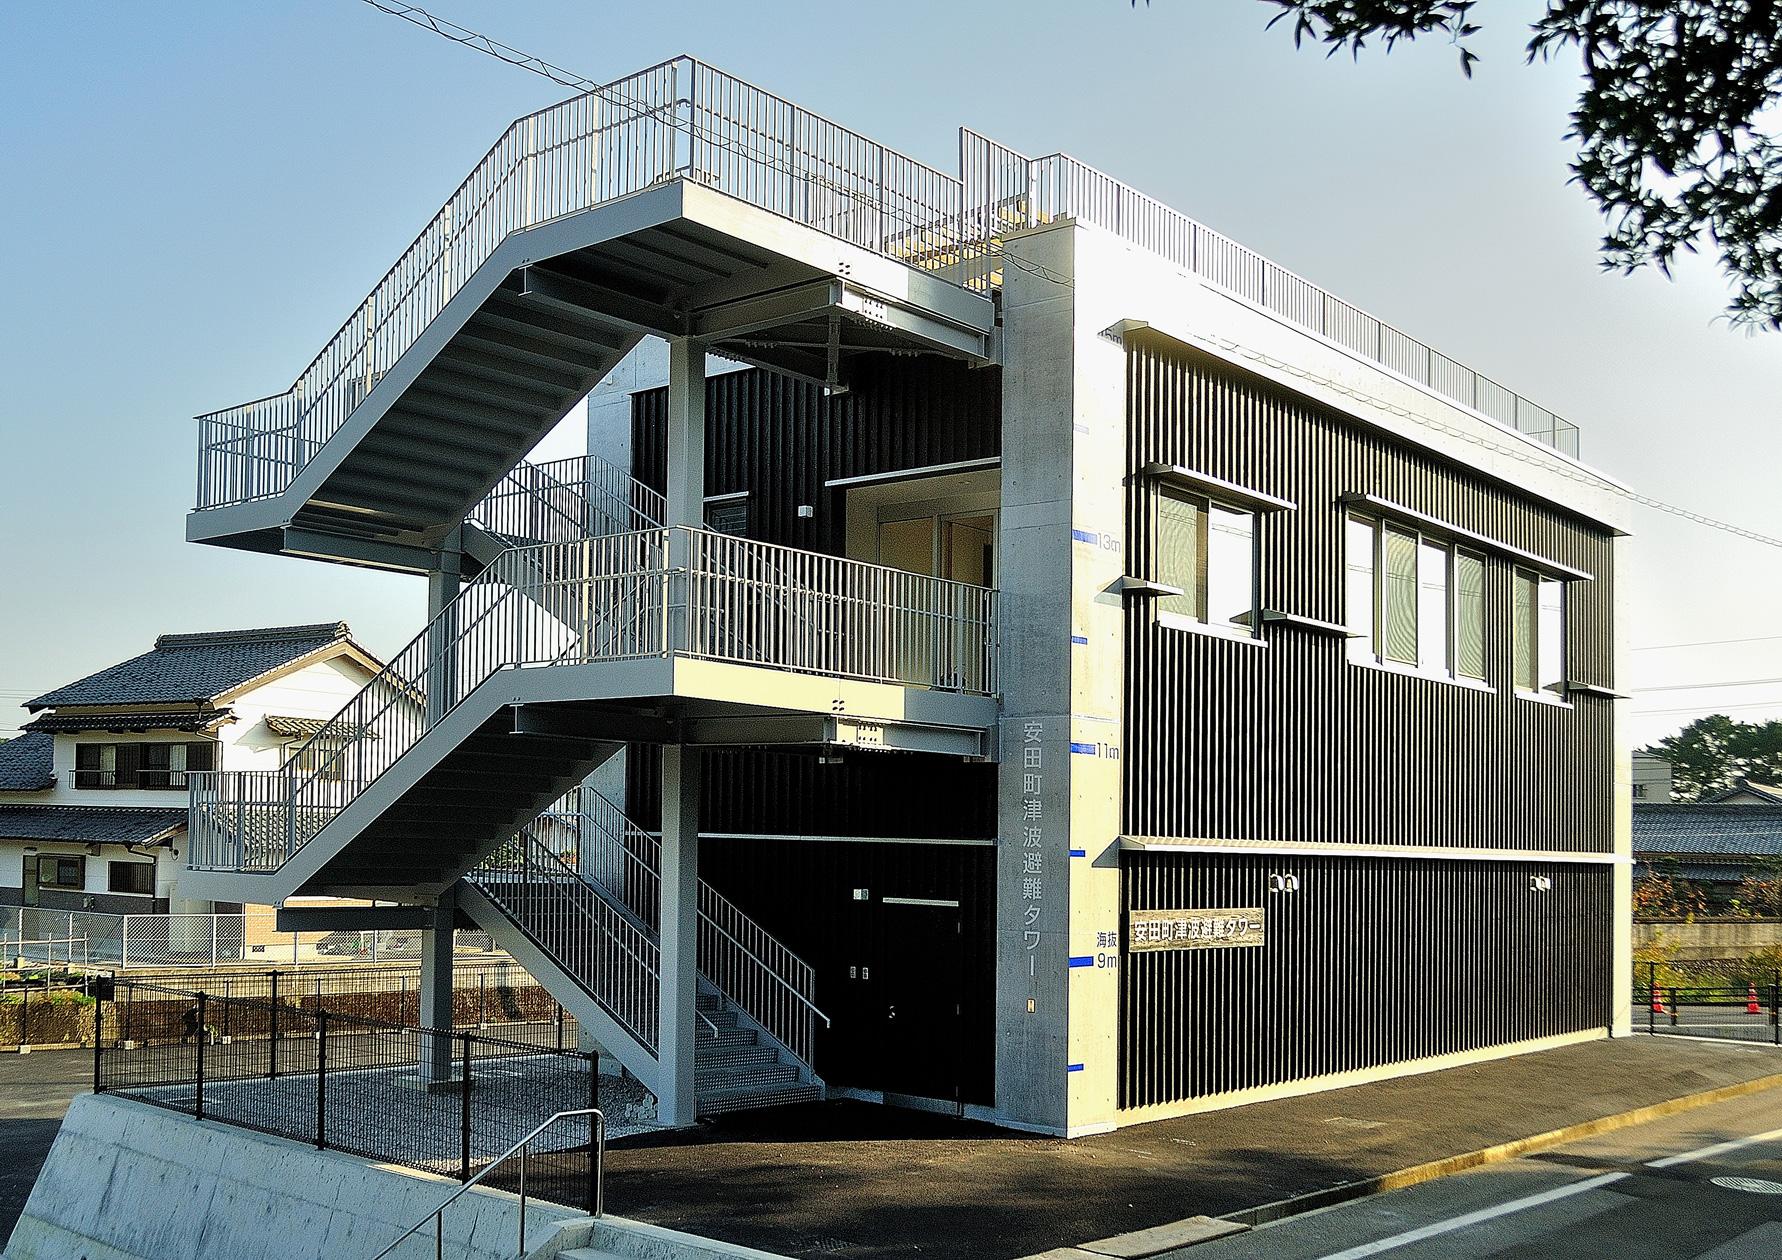 2012-11-08-安田完成-北西面071-001_web.jpg